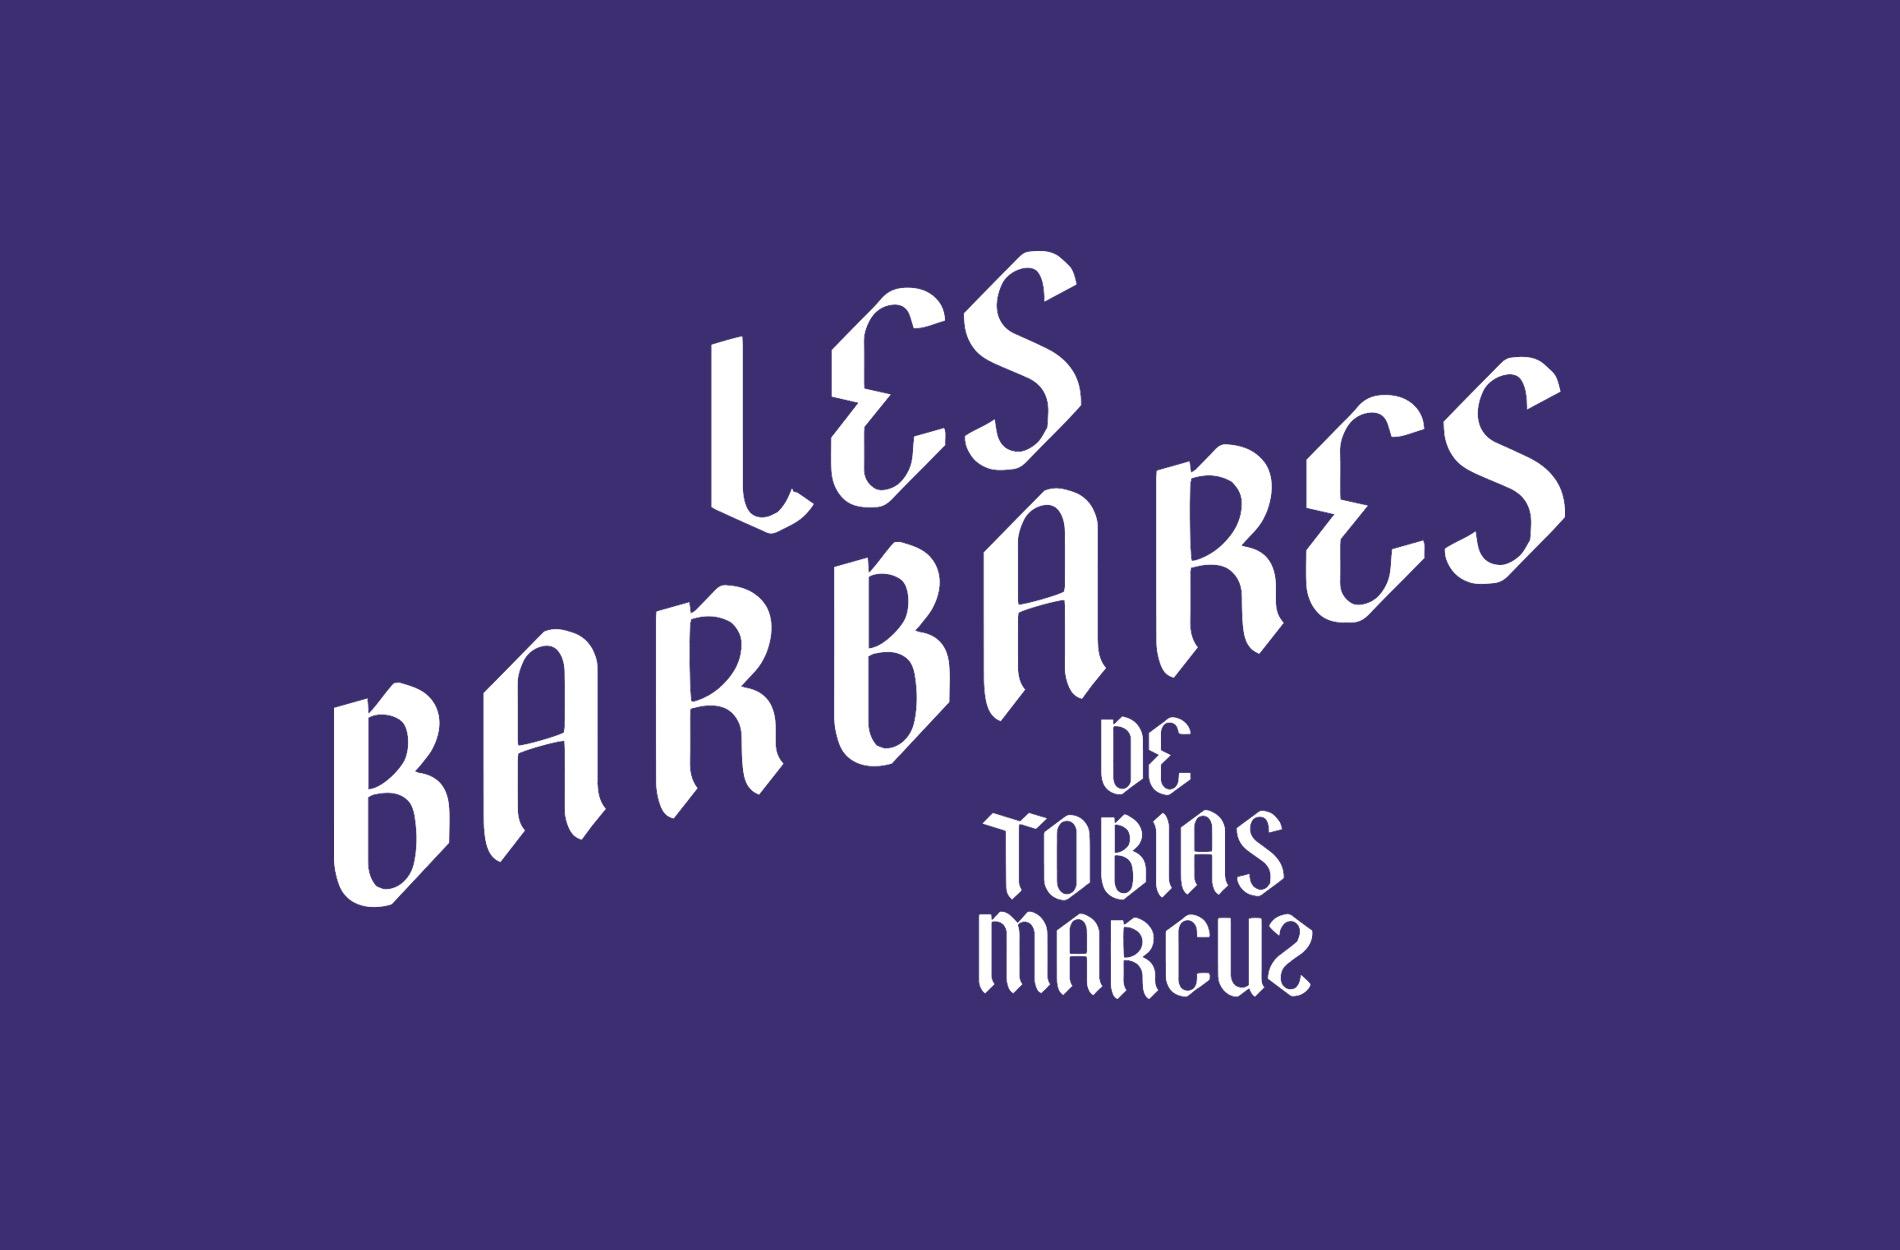 Tobias Marcus